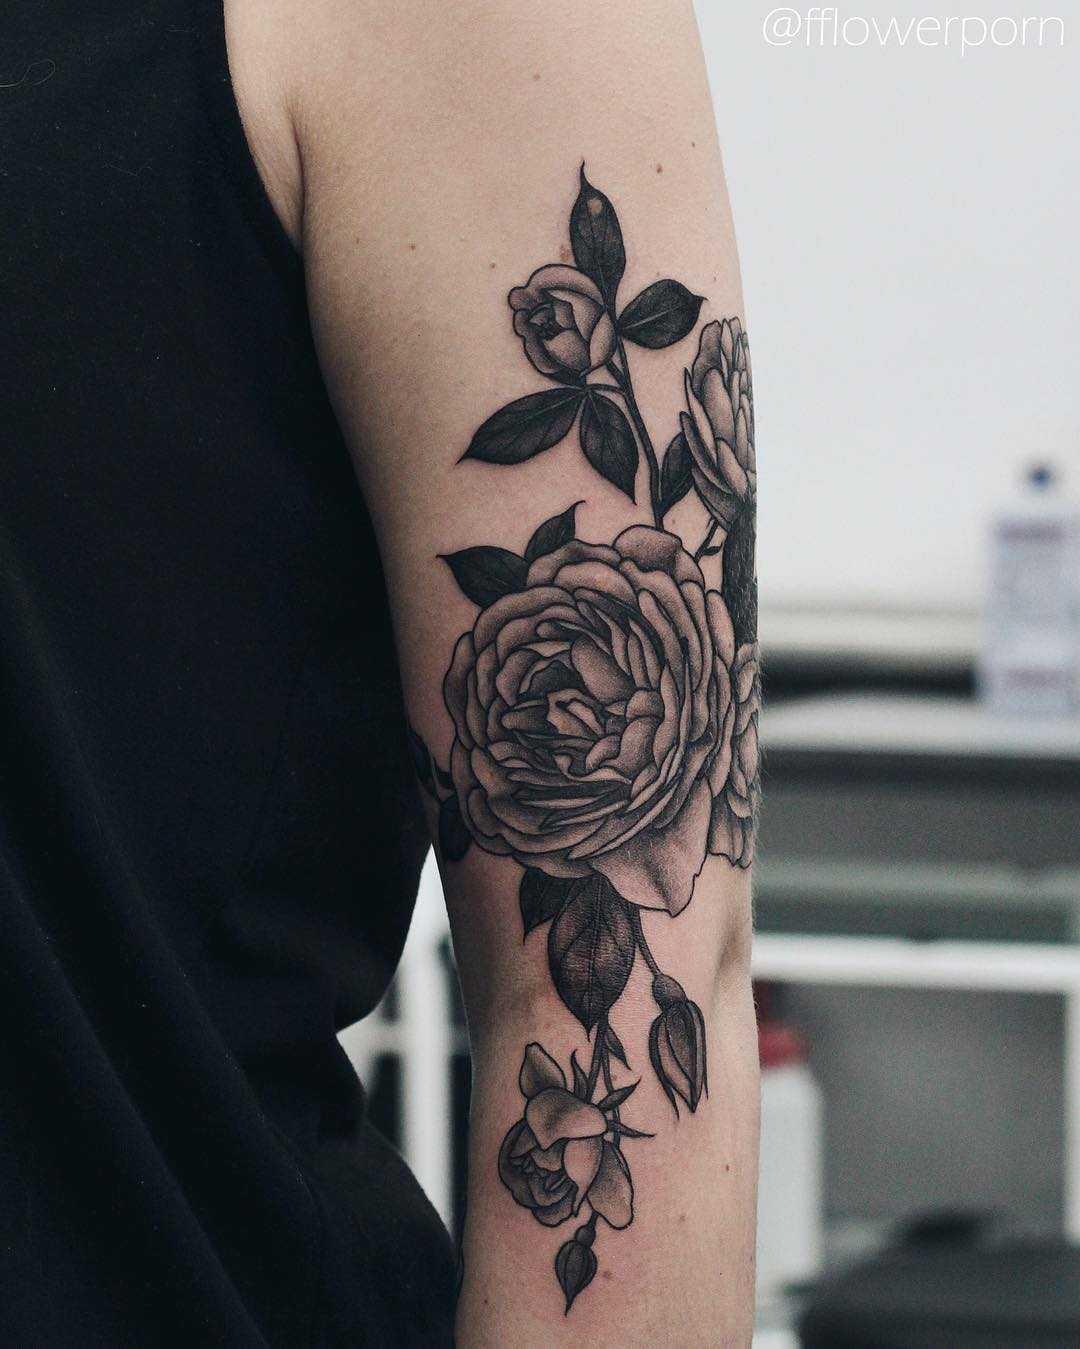 Black rose tattoo by Olga Nekrasova